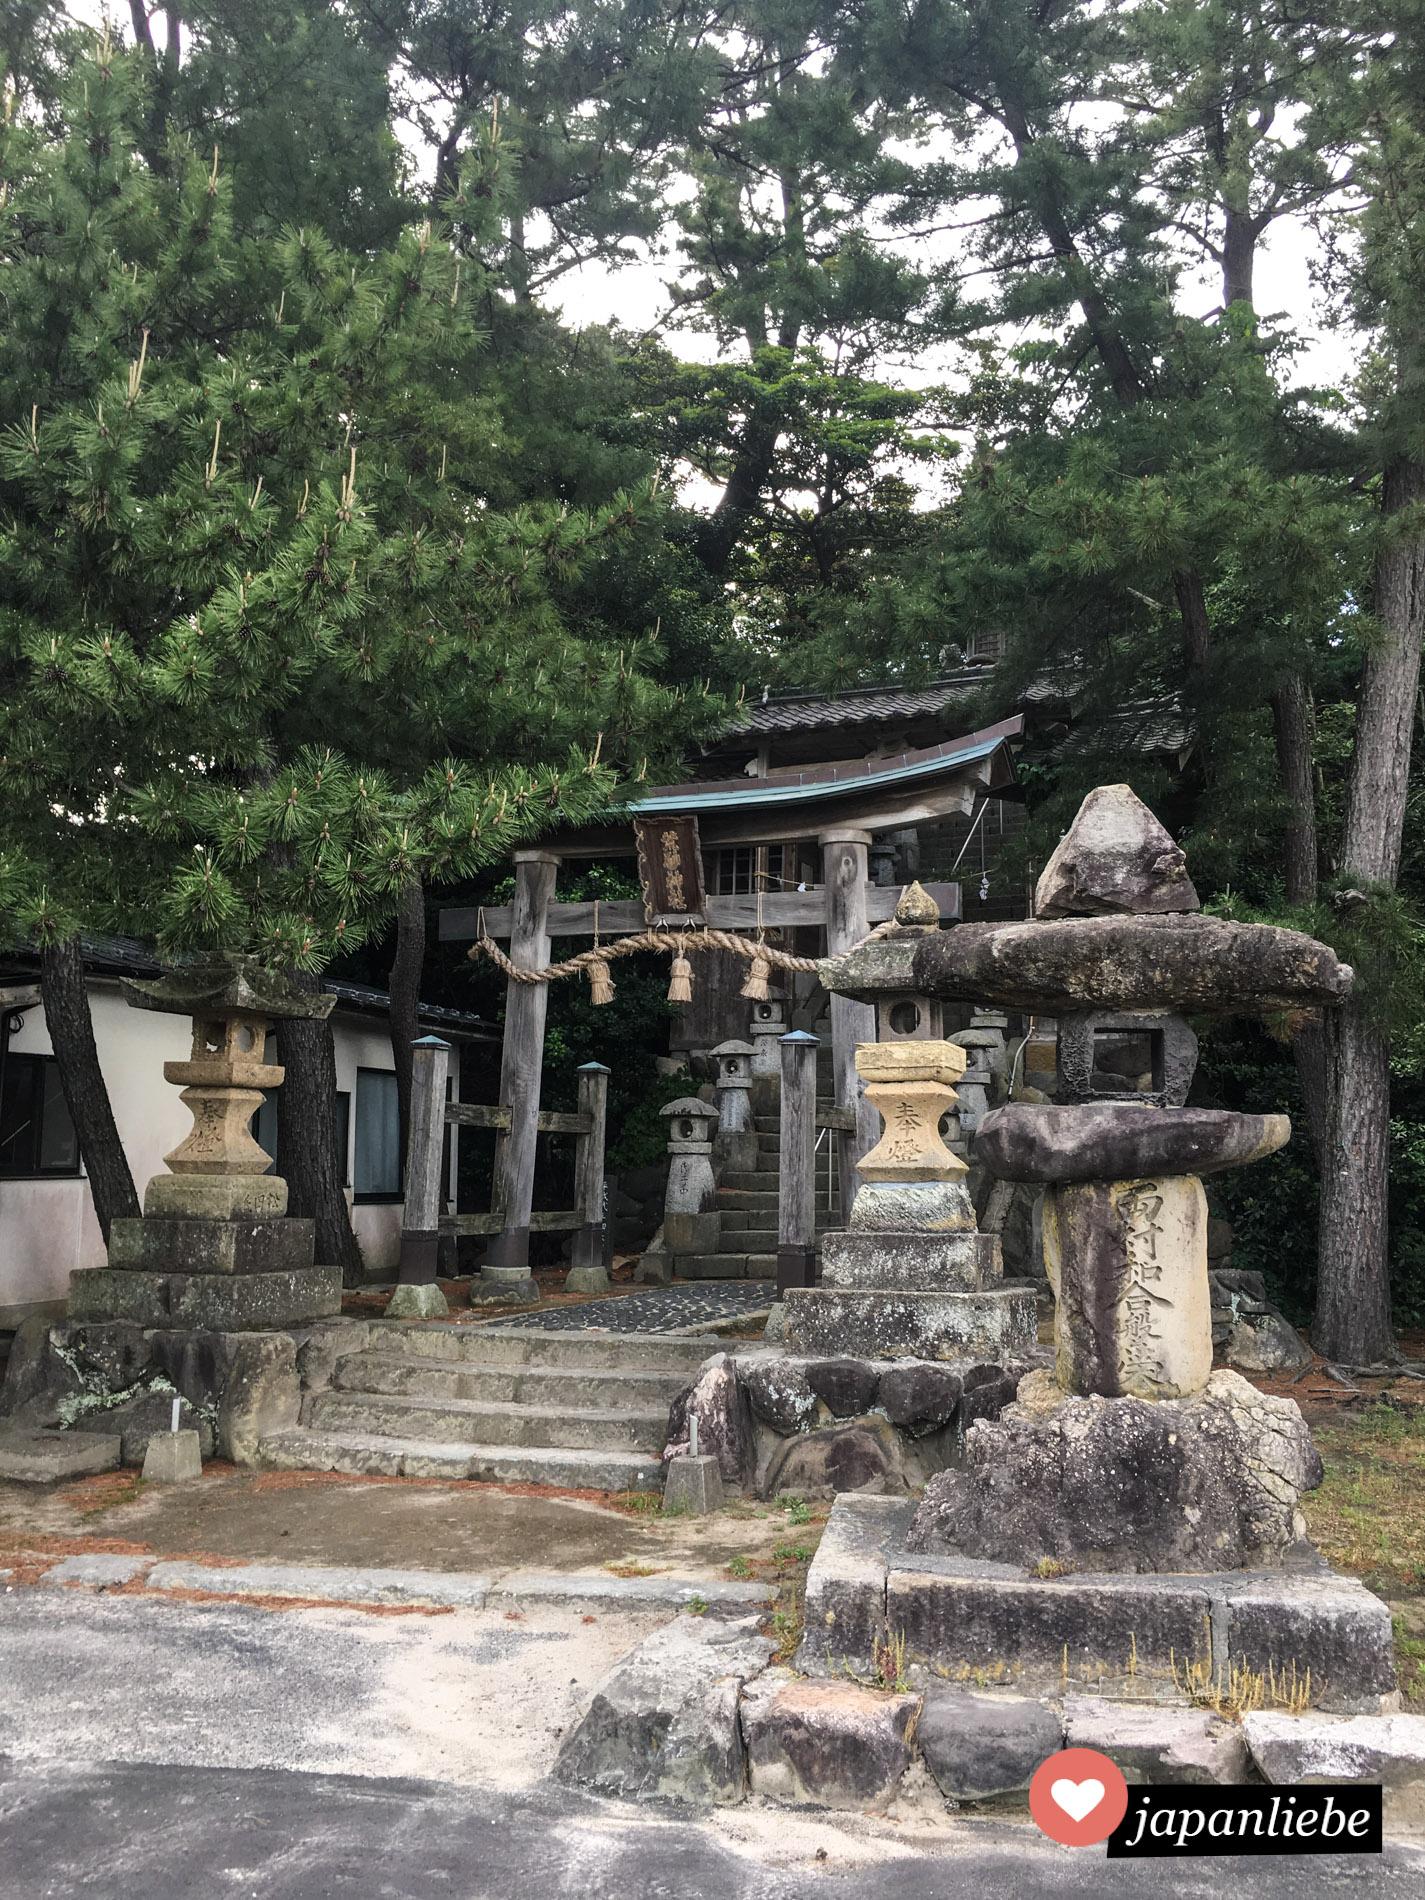 Ein Stein-Torii und Laternen kennzeichnen den Eingang zum Arasuna Schrein in Iwami.